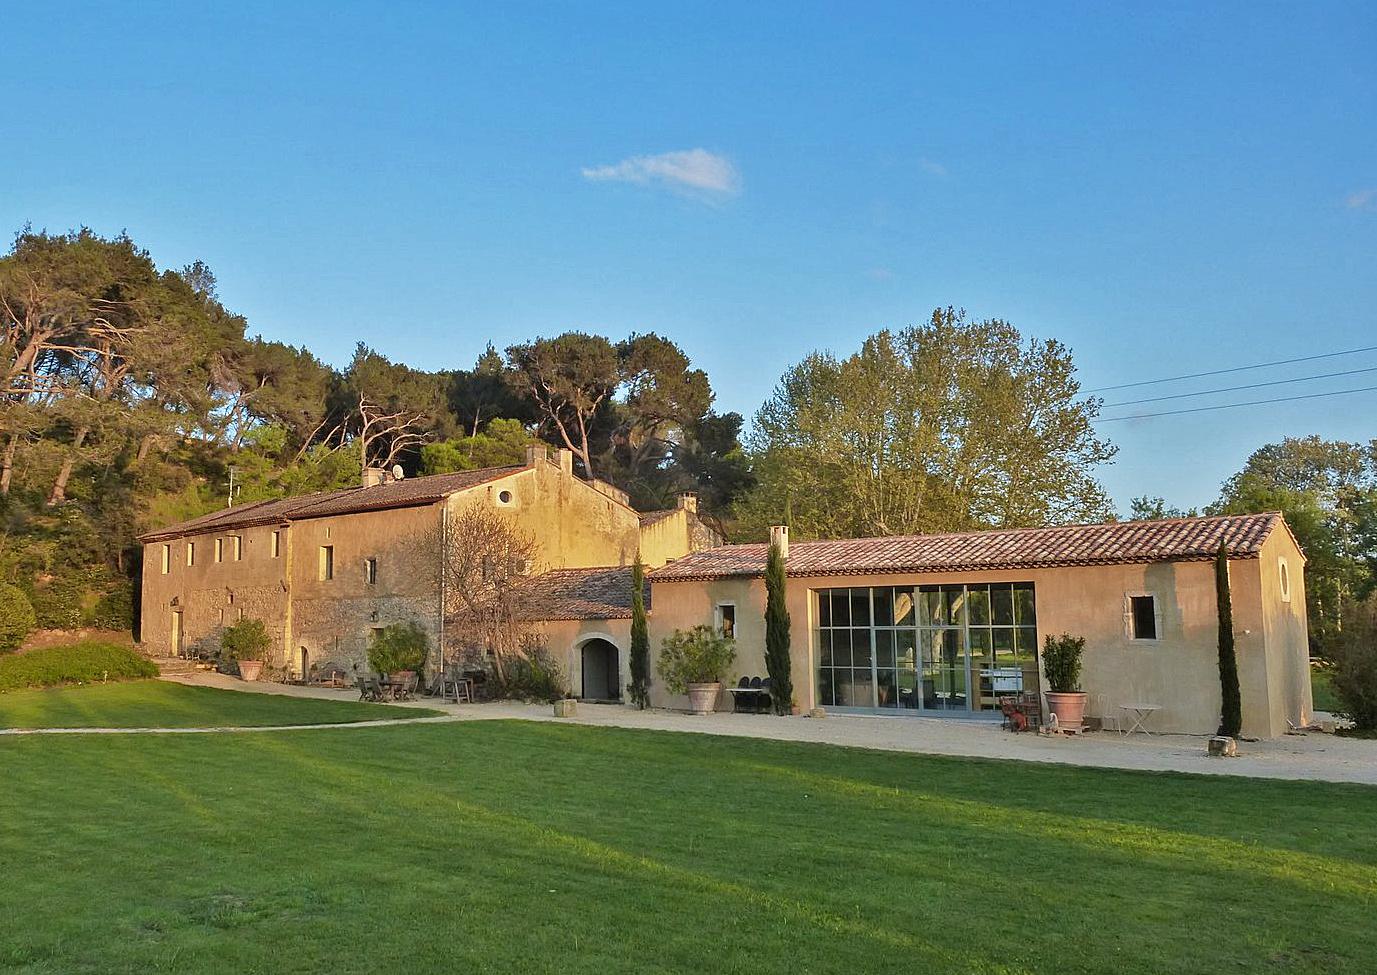 Ферма / ранчо / плантация для того Аренда на Large 16th-17th century farmhouse in Provence Saint Remy De Provence, Прованс-Альпы-Лазурный Берег 13210 Франция